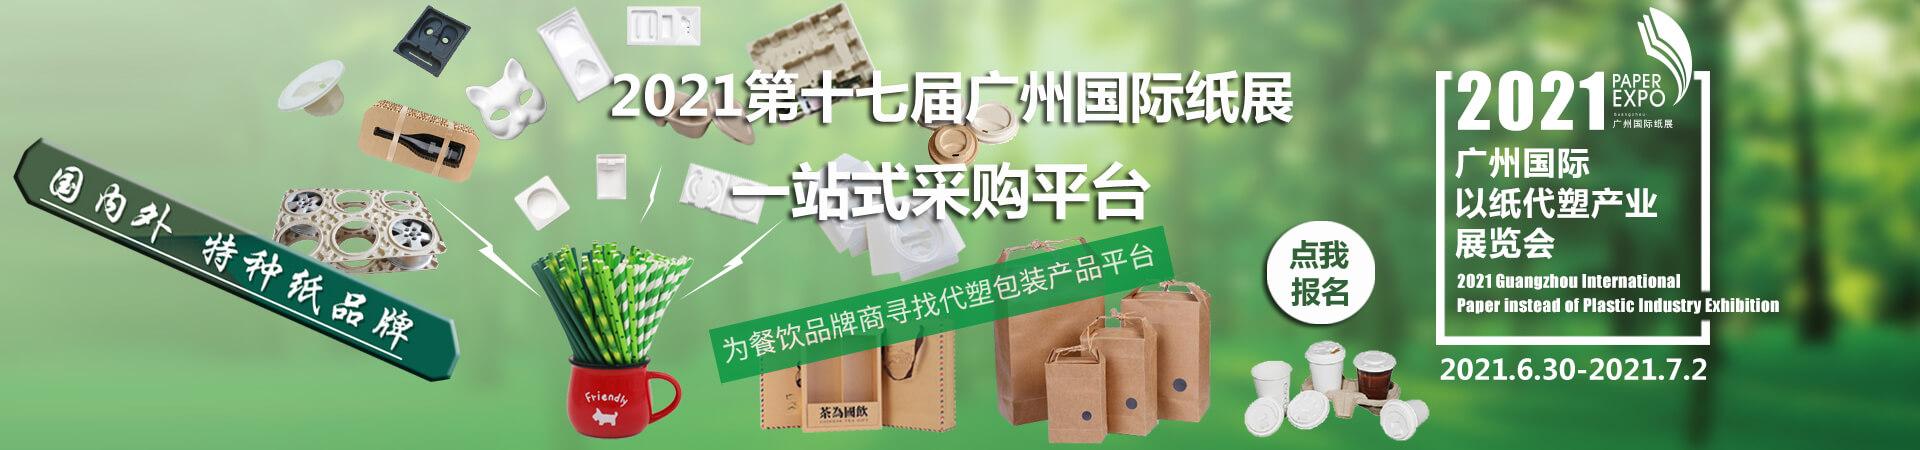 2021广州国际以纸代塑产业展览会